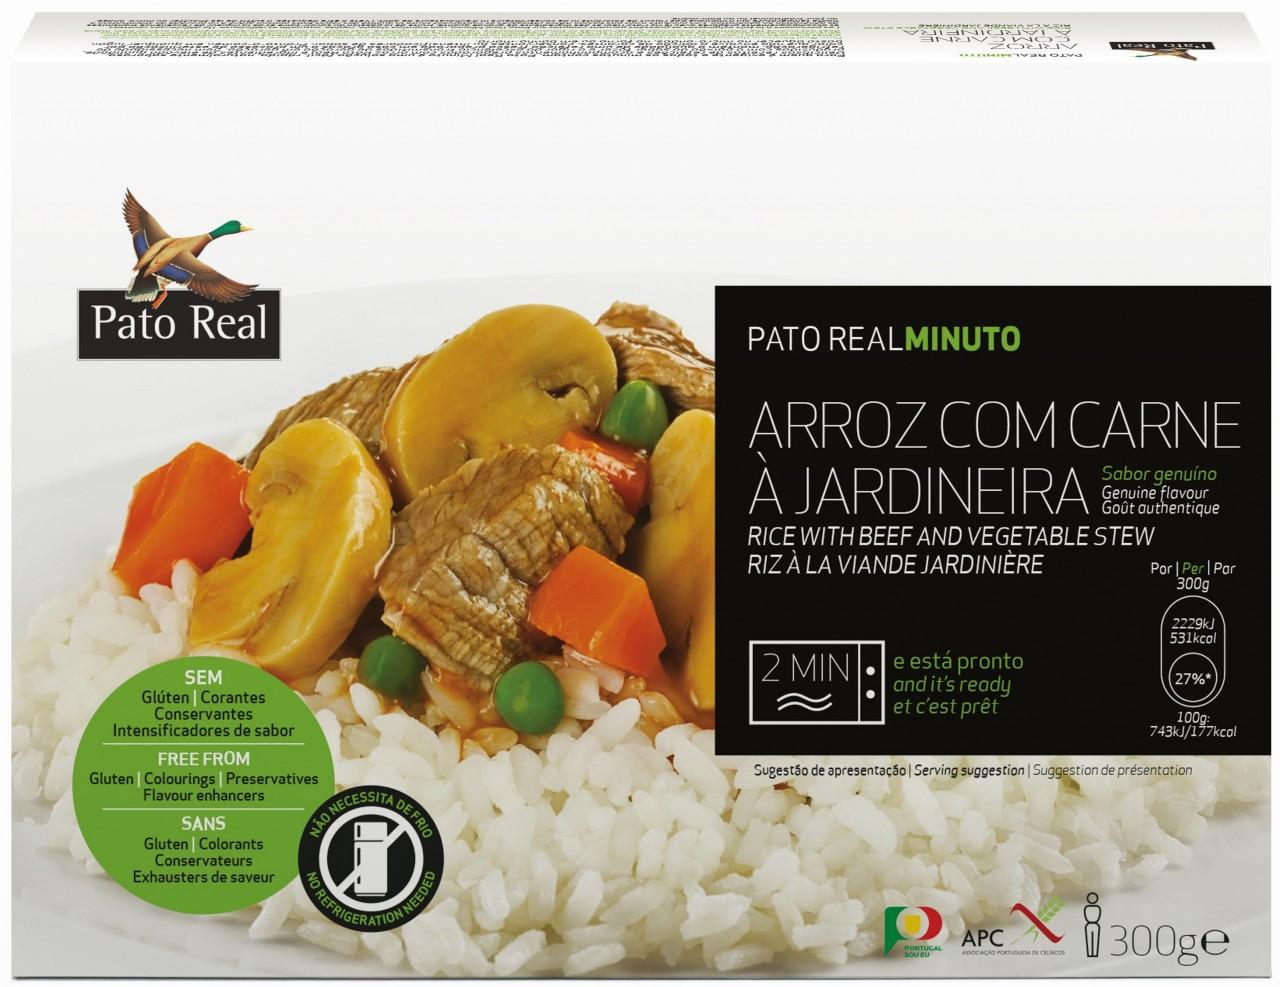 Reisgericht mit Rindfleisch - Arroz com Carne à Jardineira 300gr. - Pato Real - Portugal